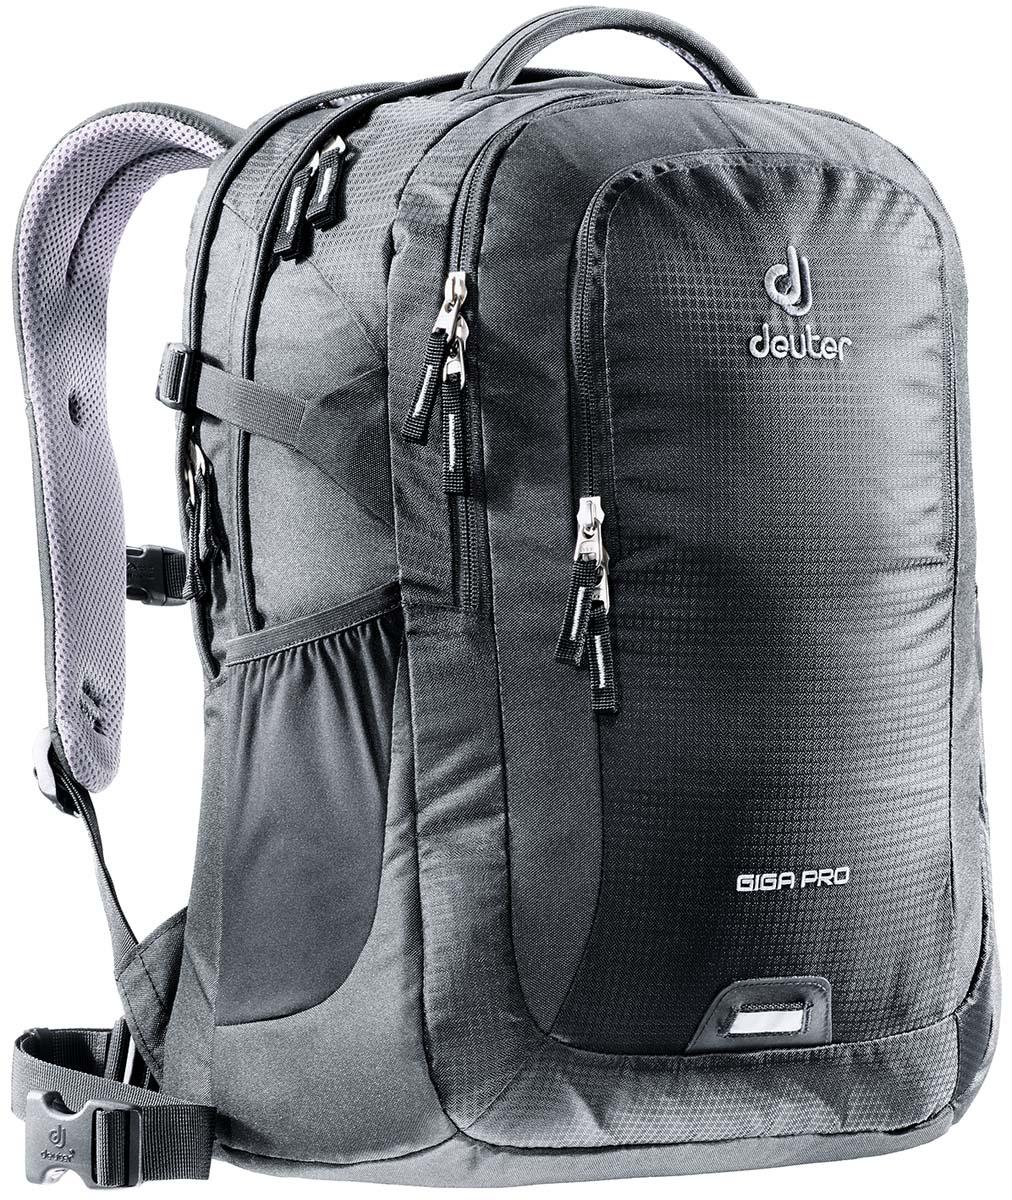 Рюкзак Deuter Daypacks Giga Pro, цвет: черный, 31 л80434_7000Городской рюкзак Deuter Giga Pro правильный выбор для тех, кто ищет профессиональный рюкзак: все принадлежности идеально расположены и защищены. Имеется специальное мягкое съемное отделение для ноутбука. Система спинки Airstripes, большое основное отделение, в котором помещаются папки для бумаг, дно имеет мягкую подкладку, компрессионные стропы, удобная ручка для переноски, большой передний карман на молнии с органайзером, съемный набедренный ремень, петля с отражателем, второе основное отделение, со съемной мягкой сумкой под ноутбук 15,6 дюймов, боковой сетчатый карман.